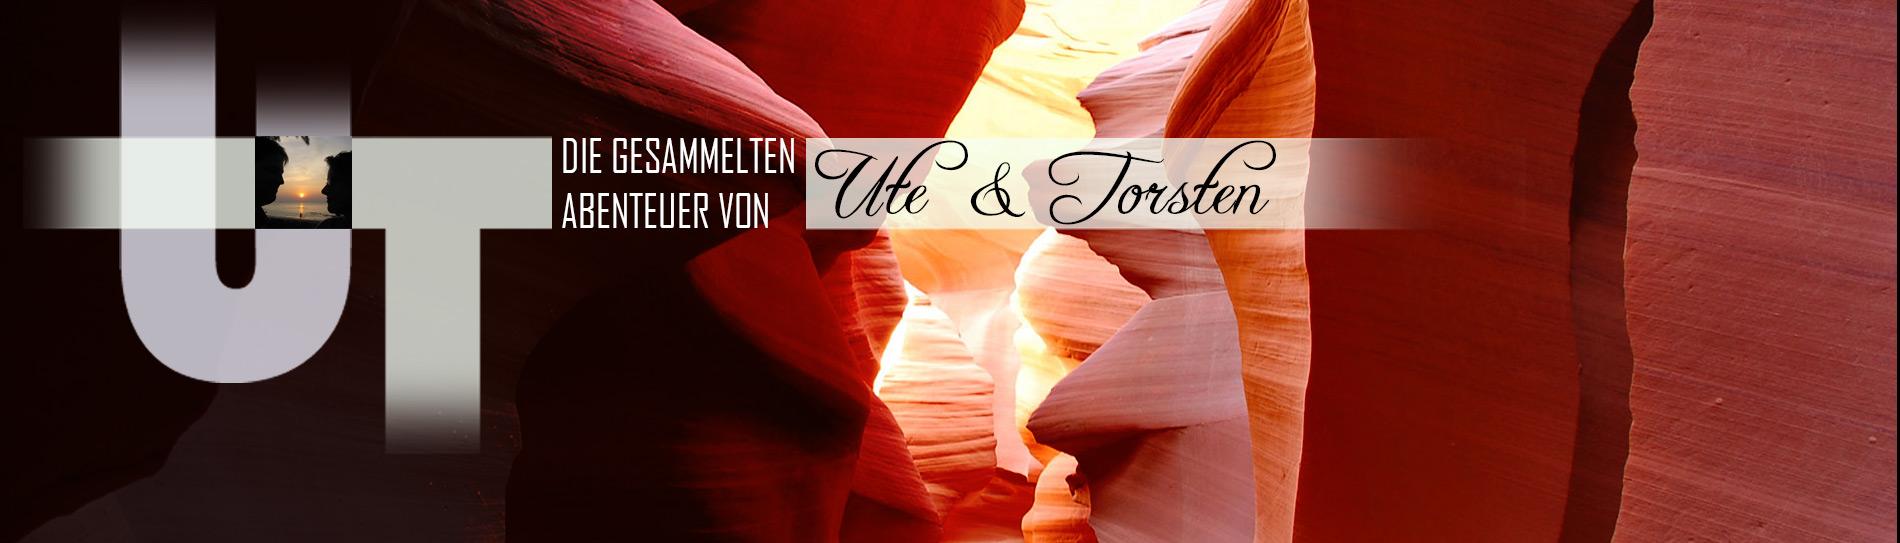 Ute & Torsten